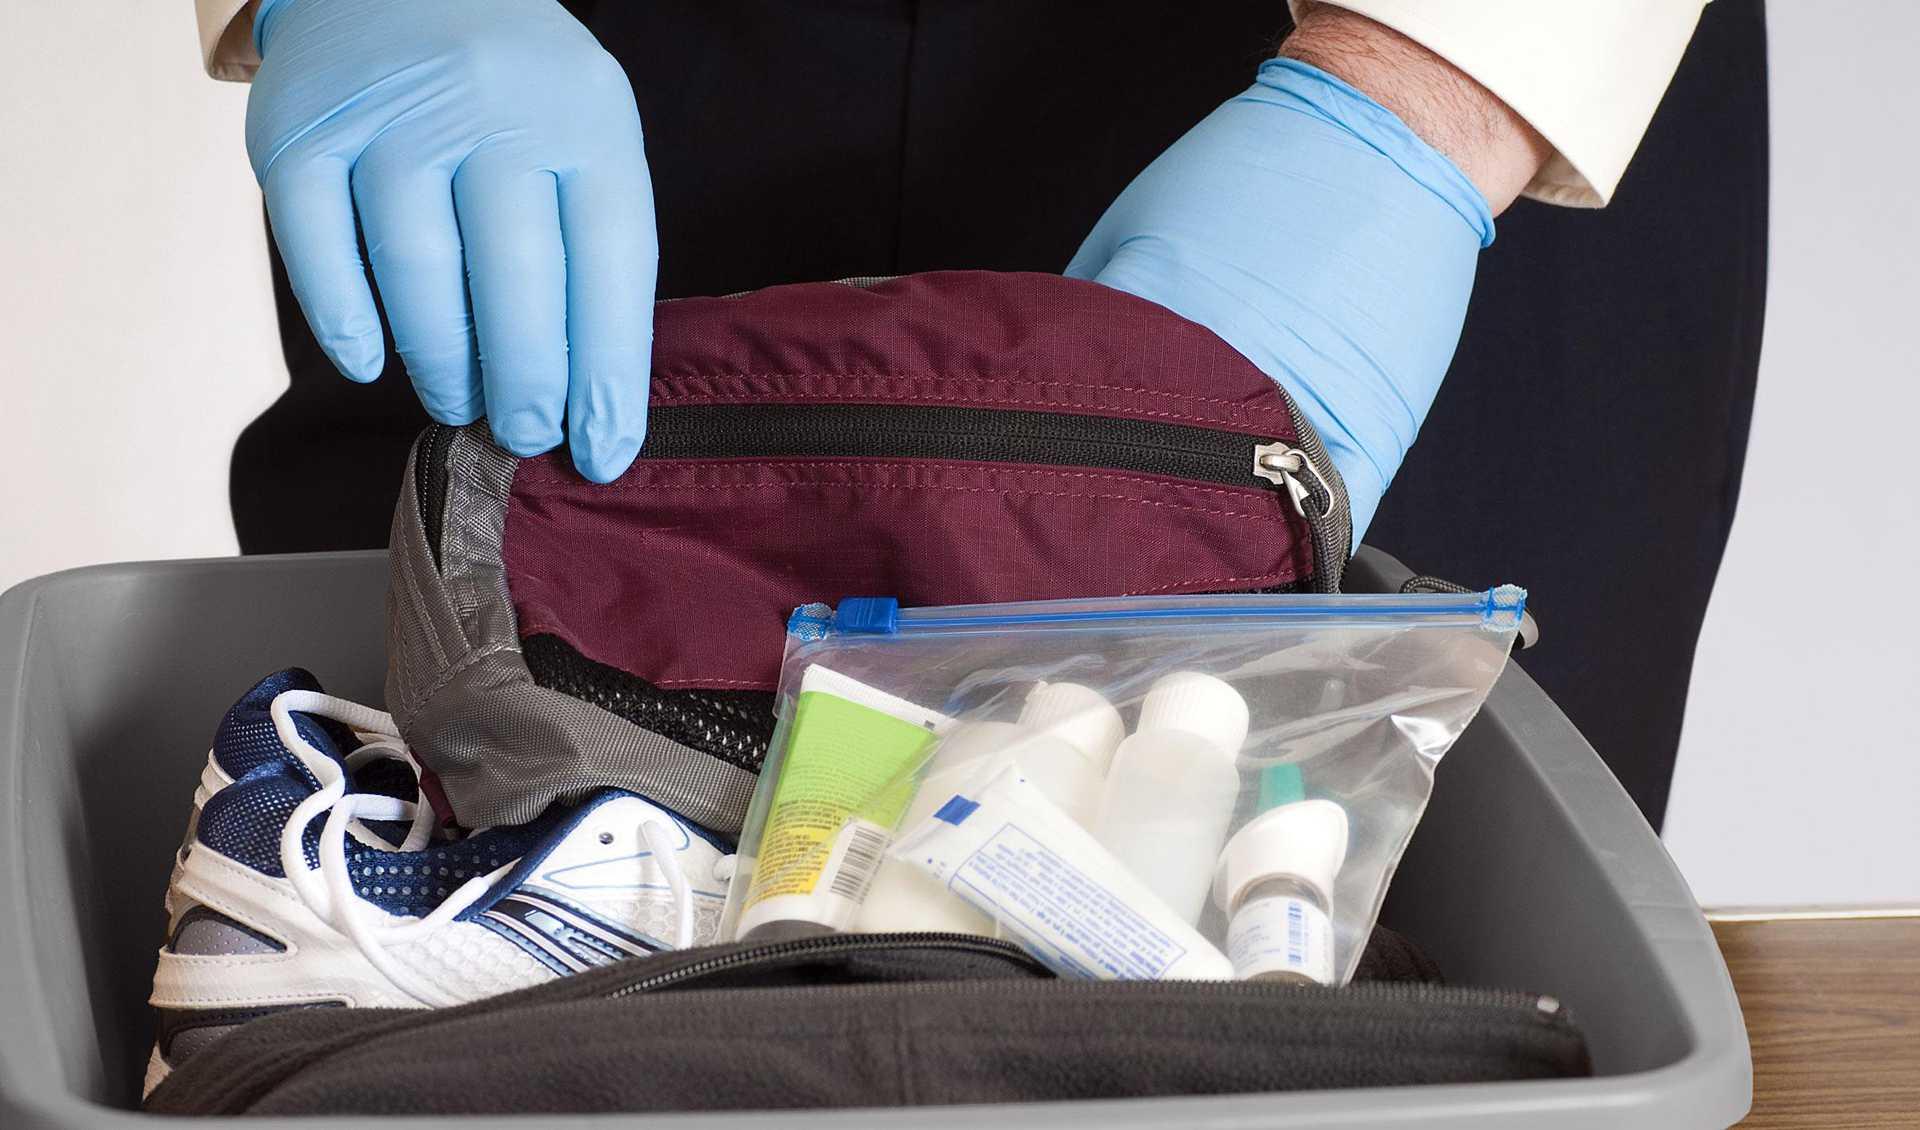 Провоз алкоголя в самолете: по россии, в багаже, в ручной клади, аэрофлот, нормы, ограничения, за границу, в германию